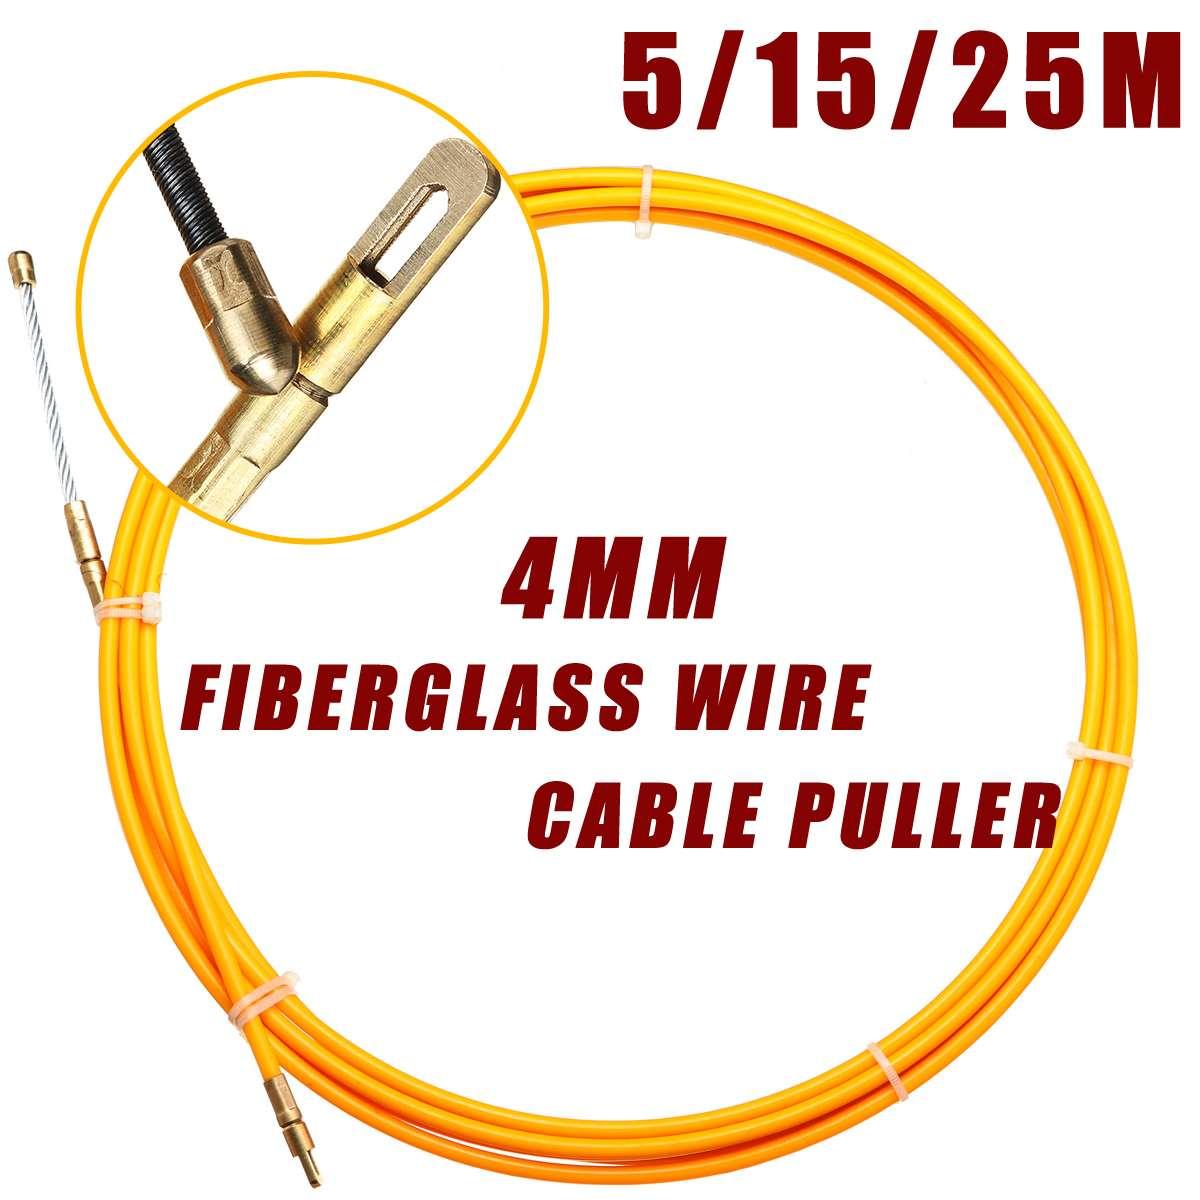 5 м/15 м/25 м 4 мм диаметр. Стекловолоконный Электрический кабельный Съемник рыболовная лента катушка проводник канальное устройство тяговое у...